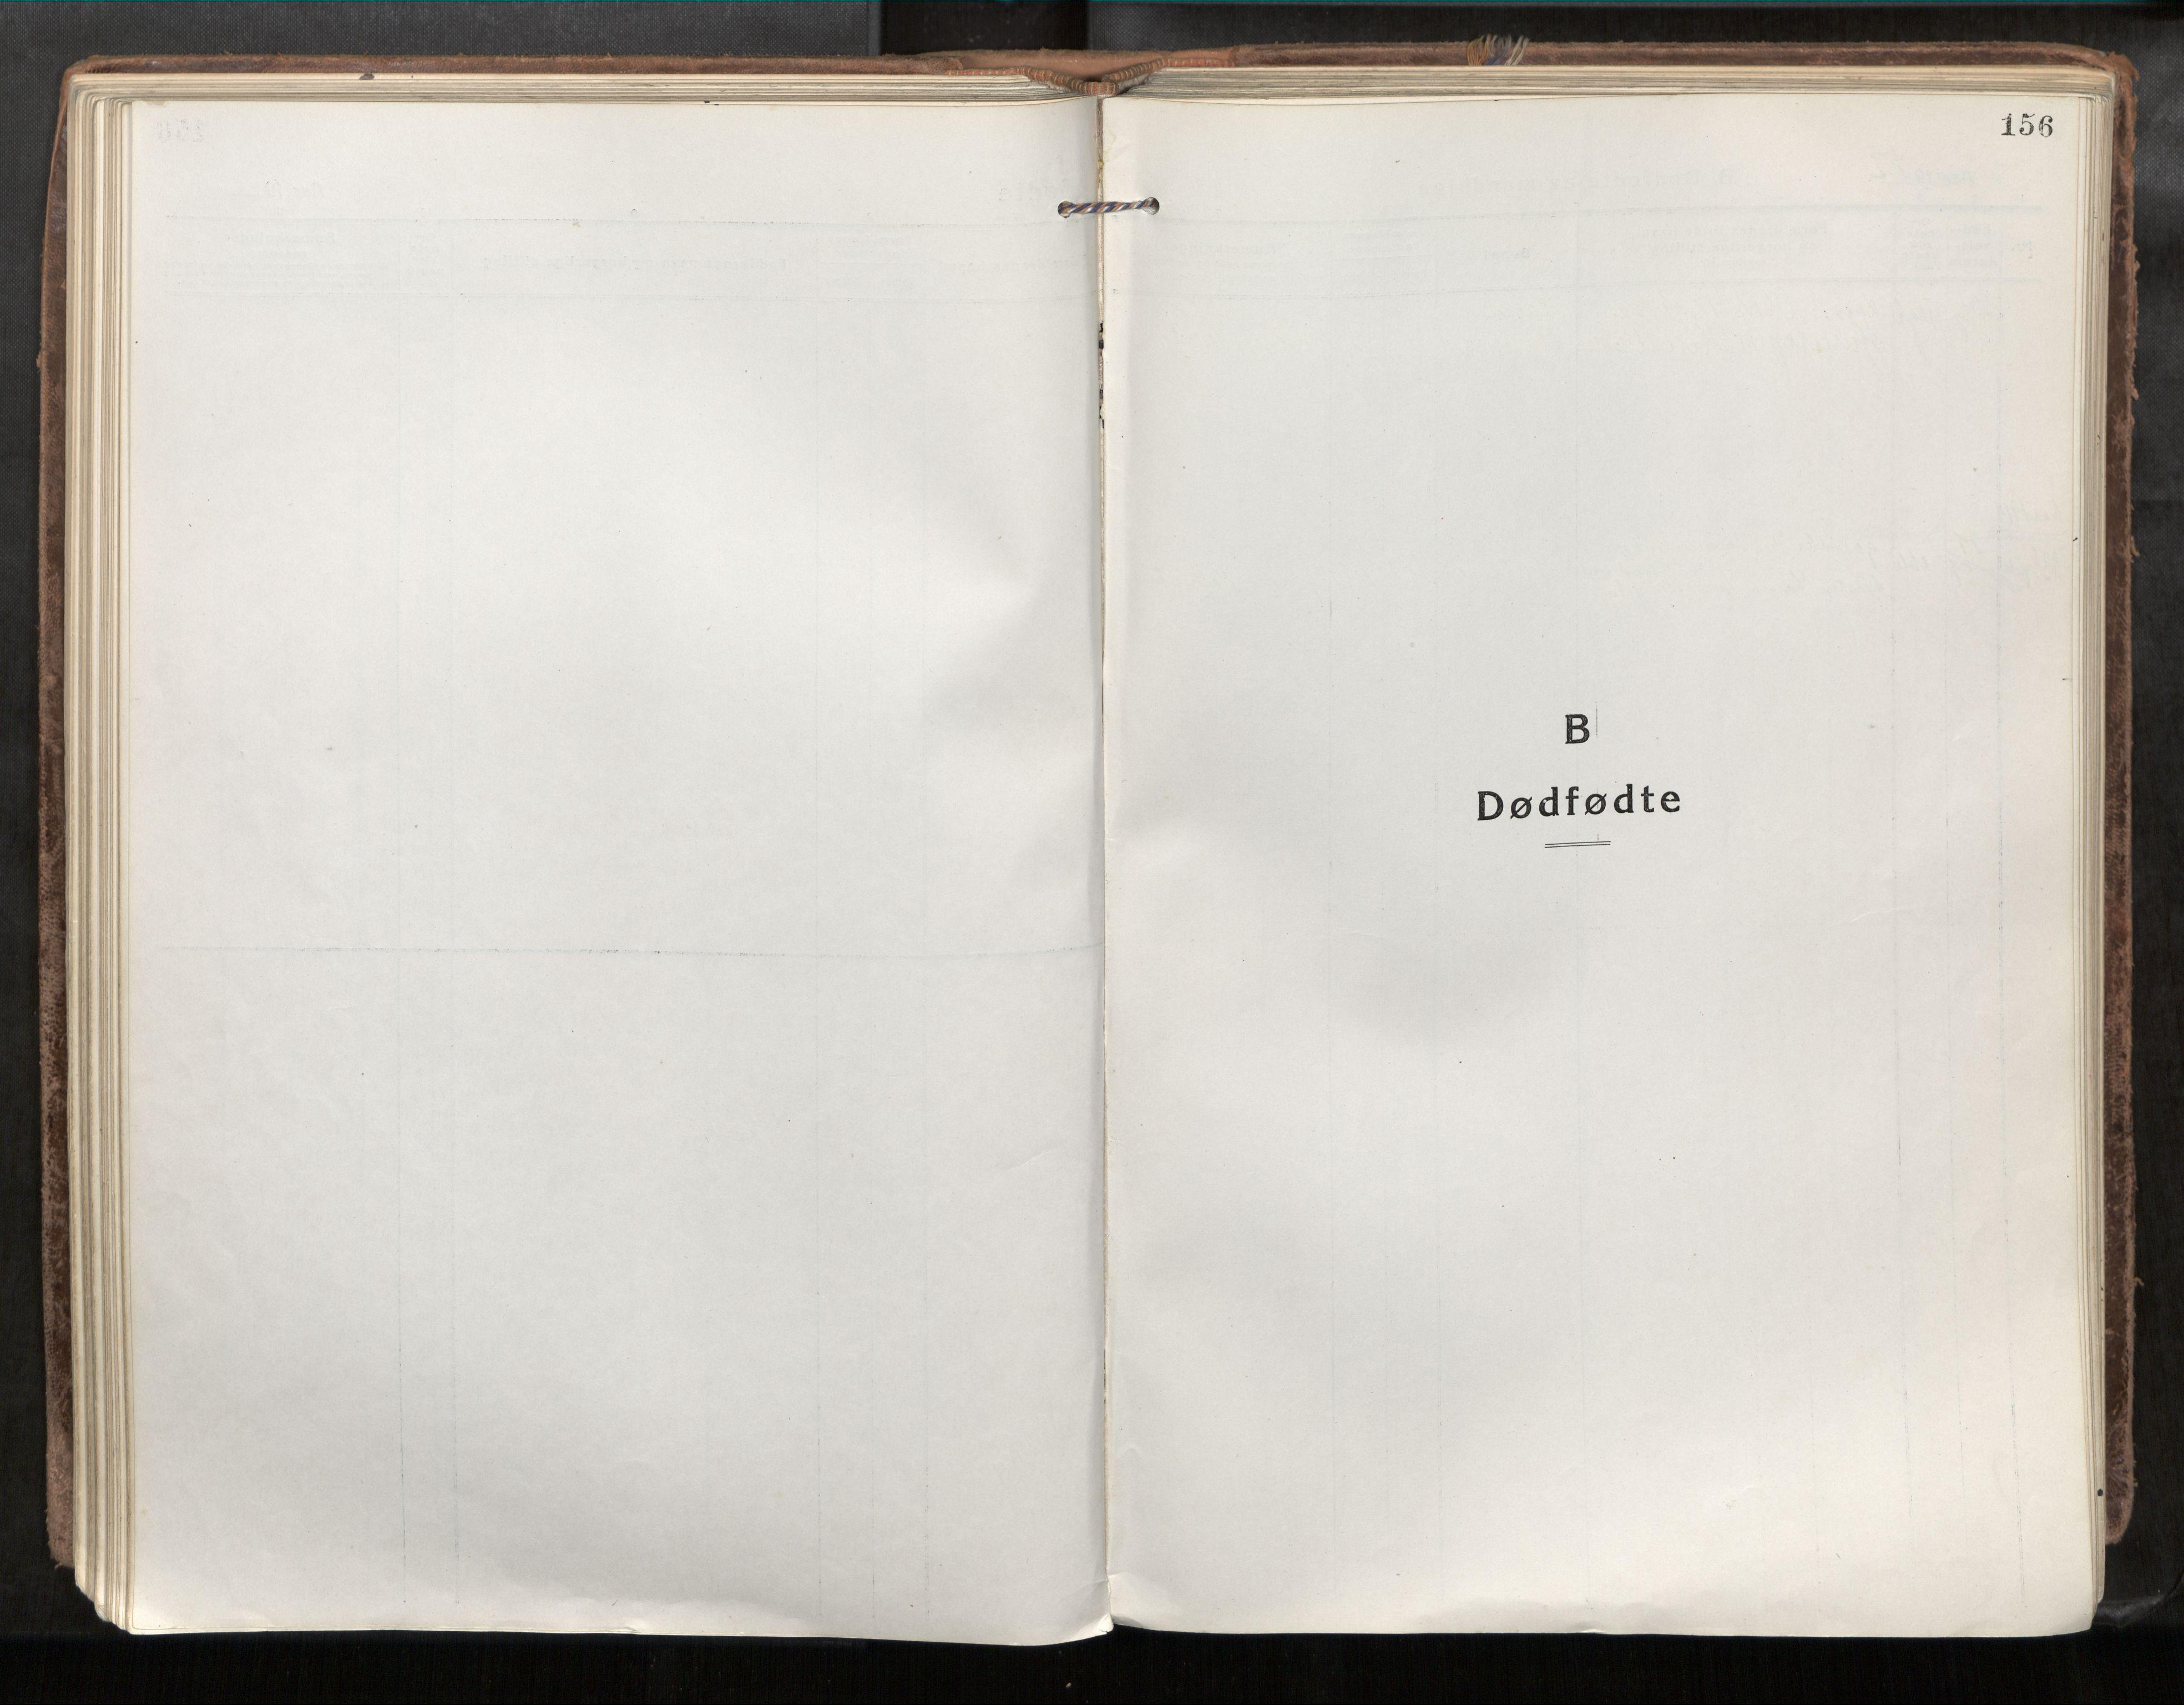 SAT, Verdal sokneprestkontor*, Parish register (official) no. 1, 1917-1932, p. 156